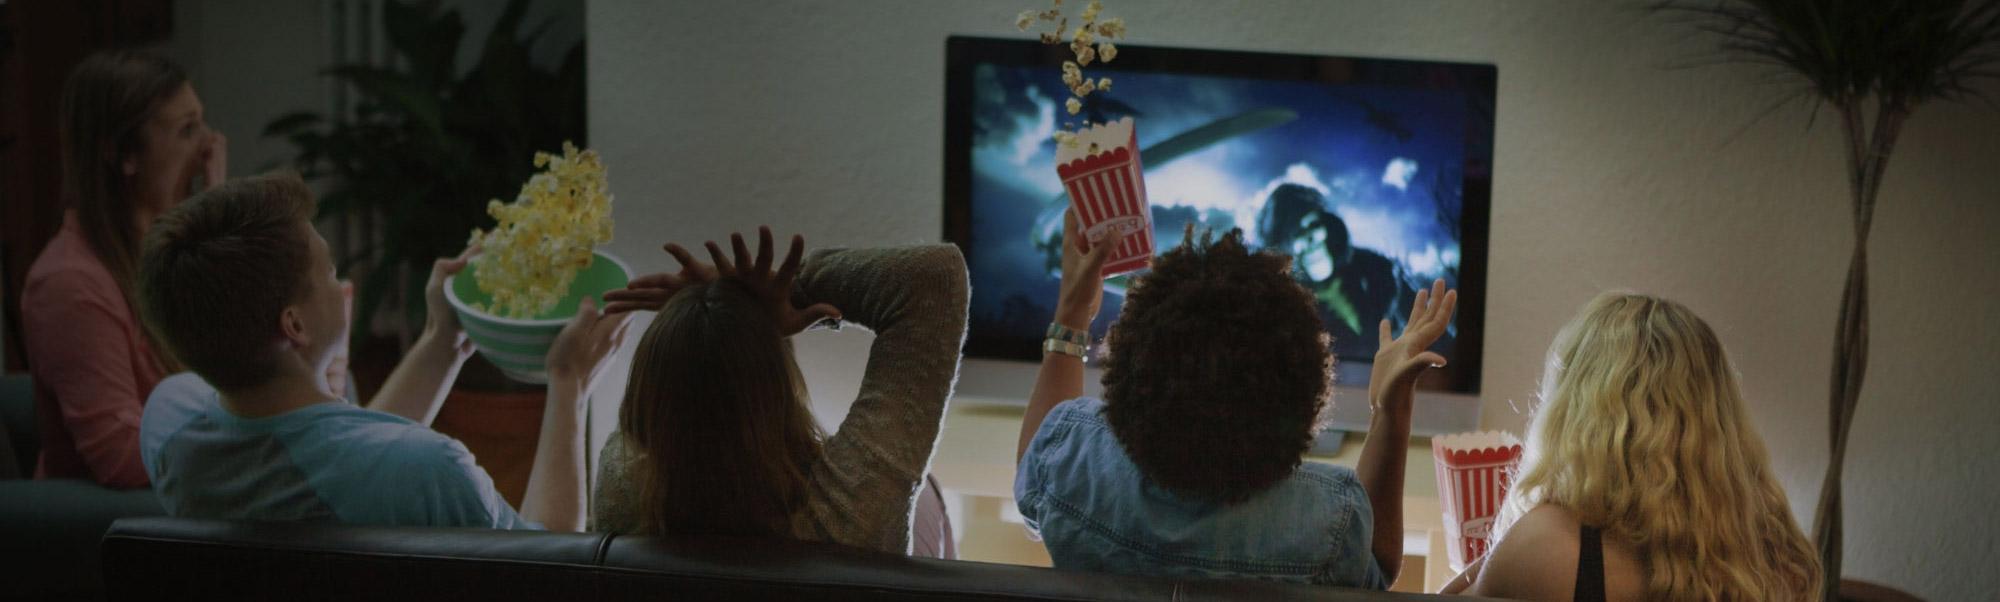 Se de seneste film og tv-serier, uanset hvor du er